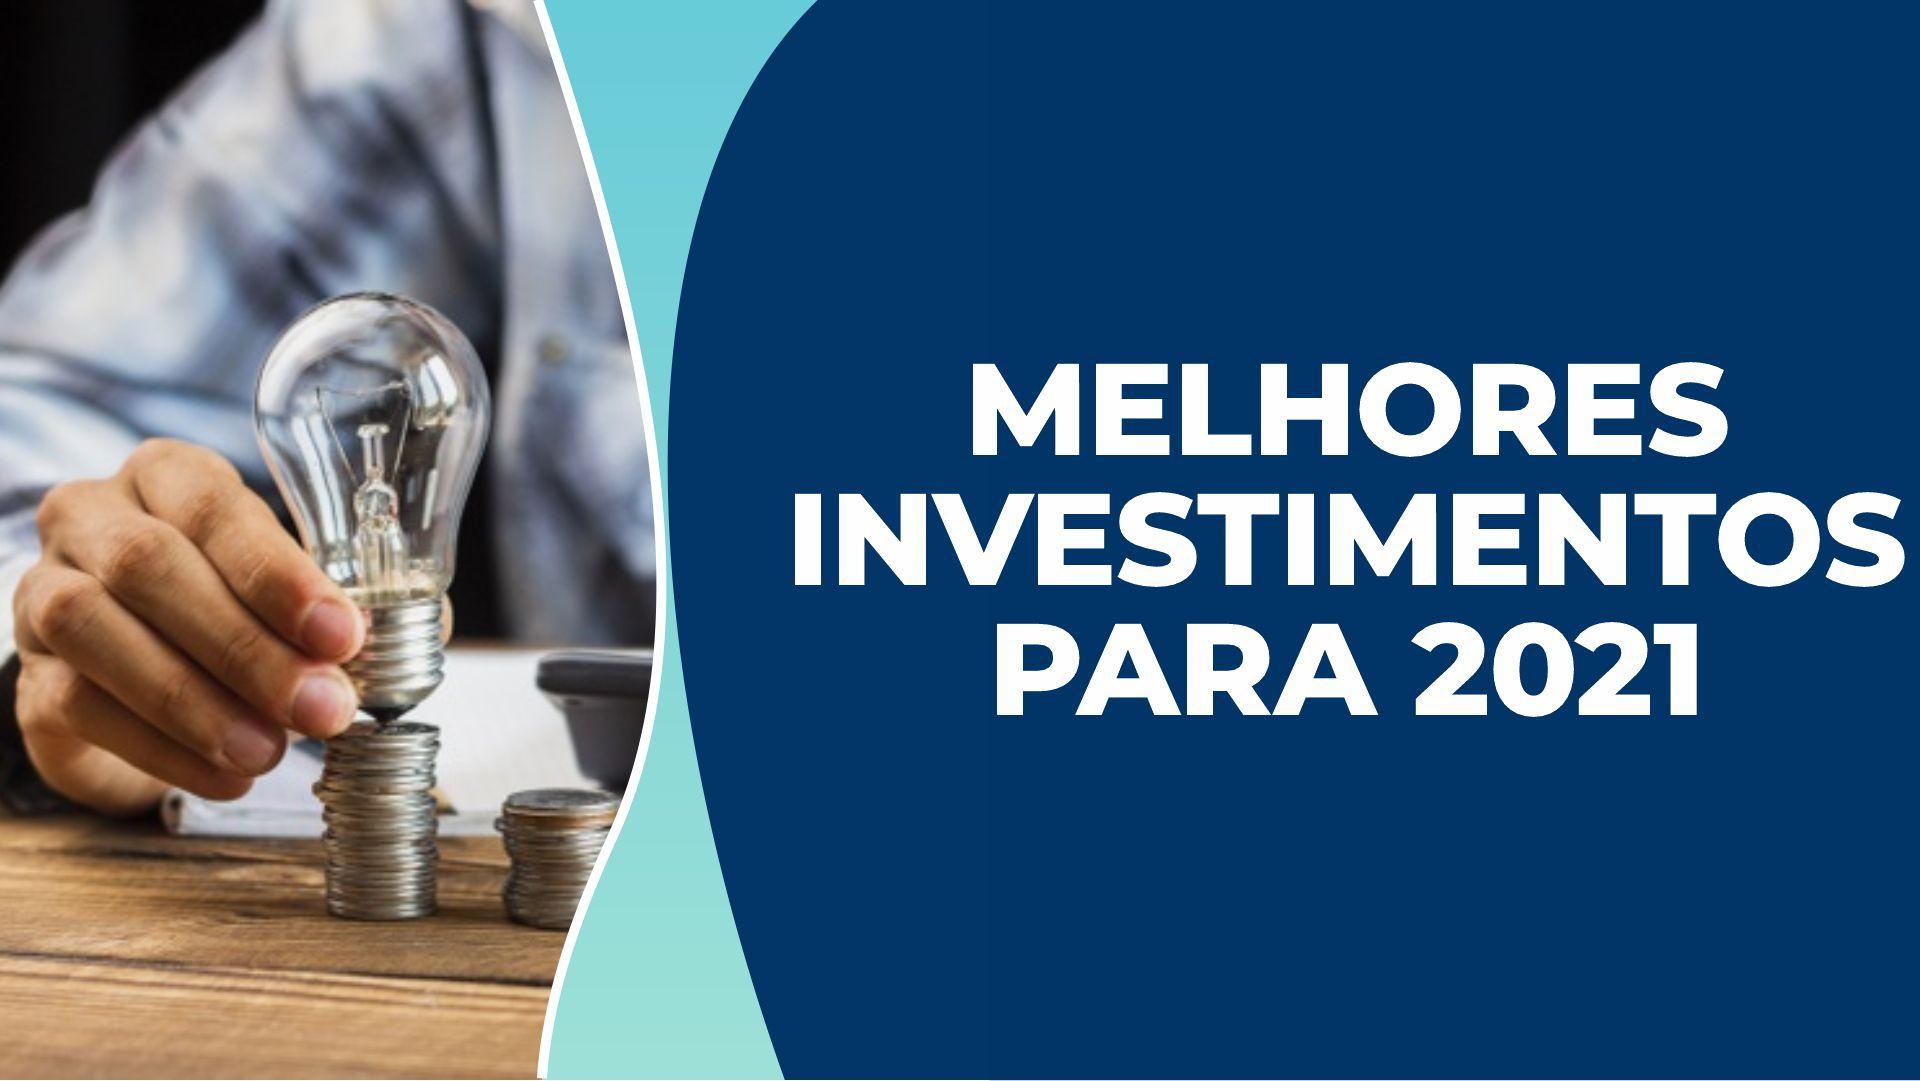 Conheça os melhores investimentos para 2021 de acordo com o seu perfil!